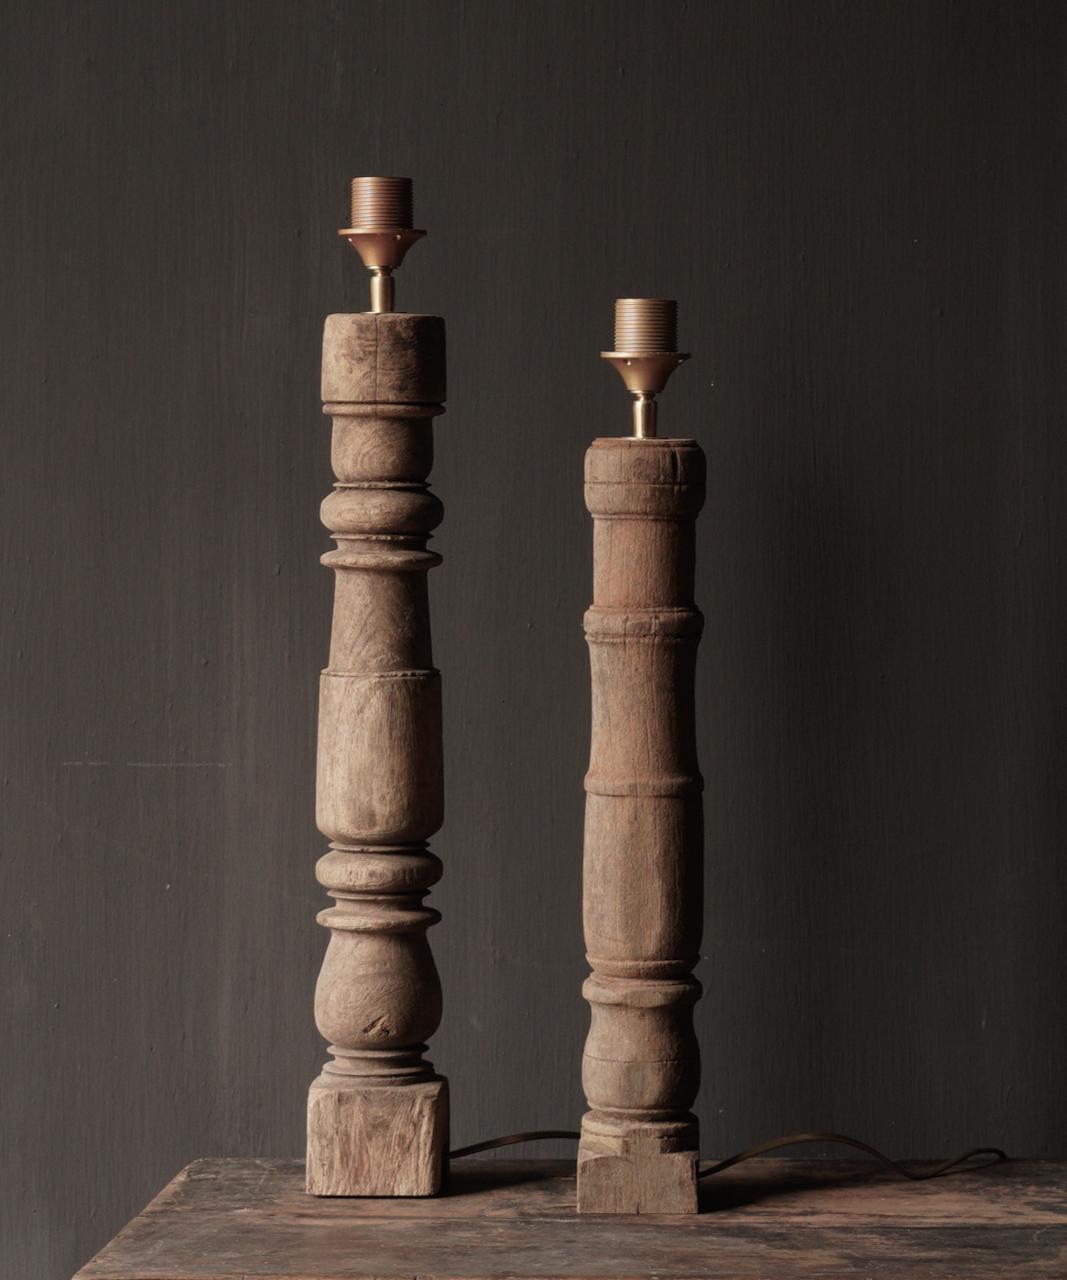 Prachtig Oude Houten Baluster lamp voet-5